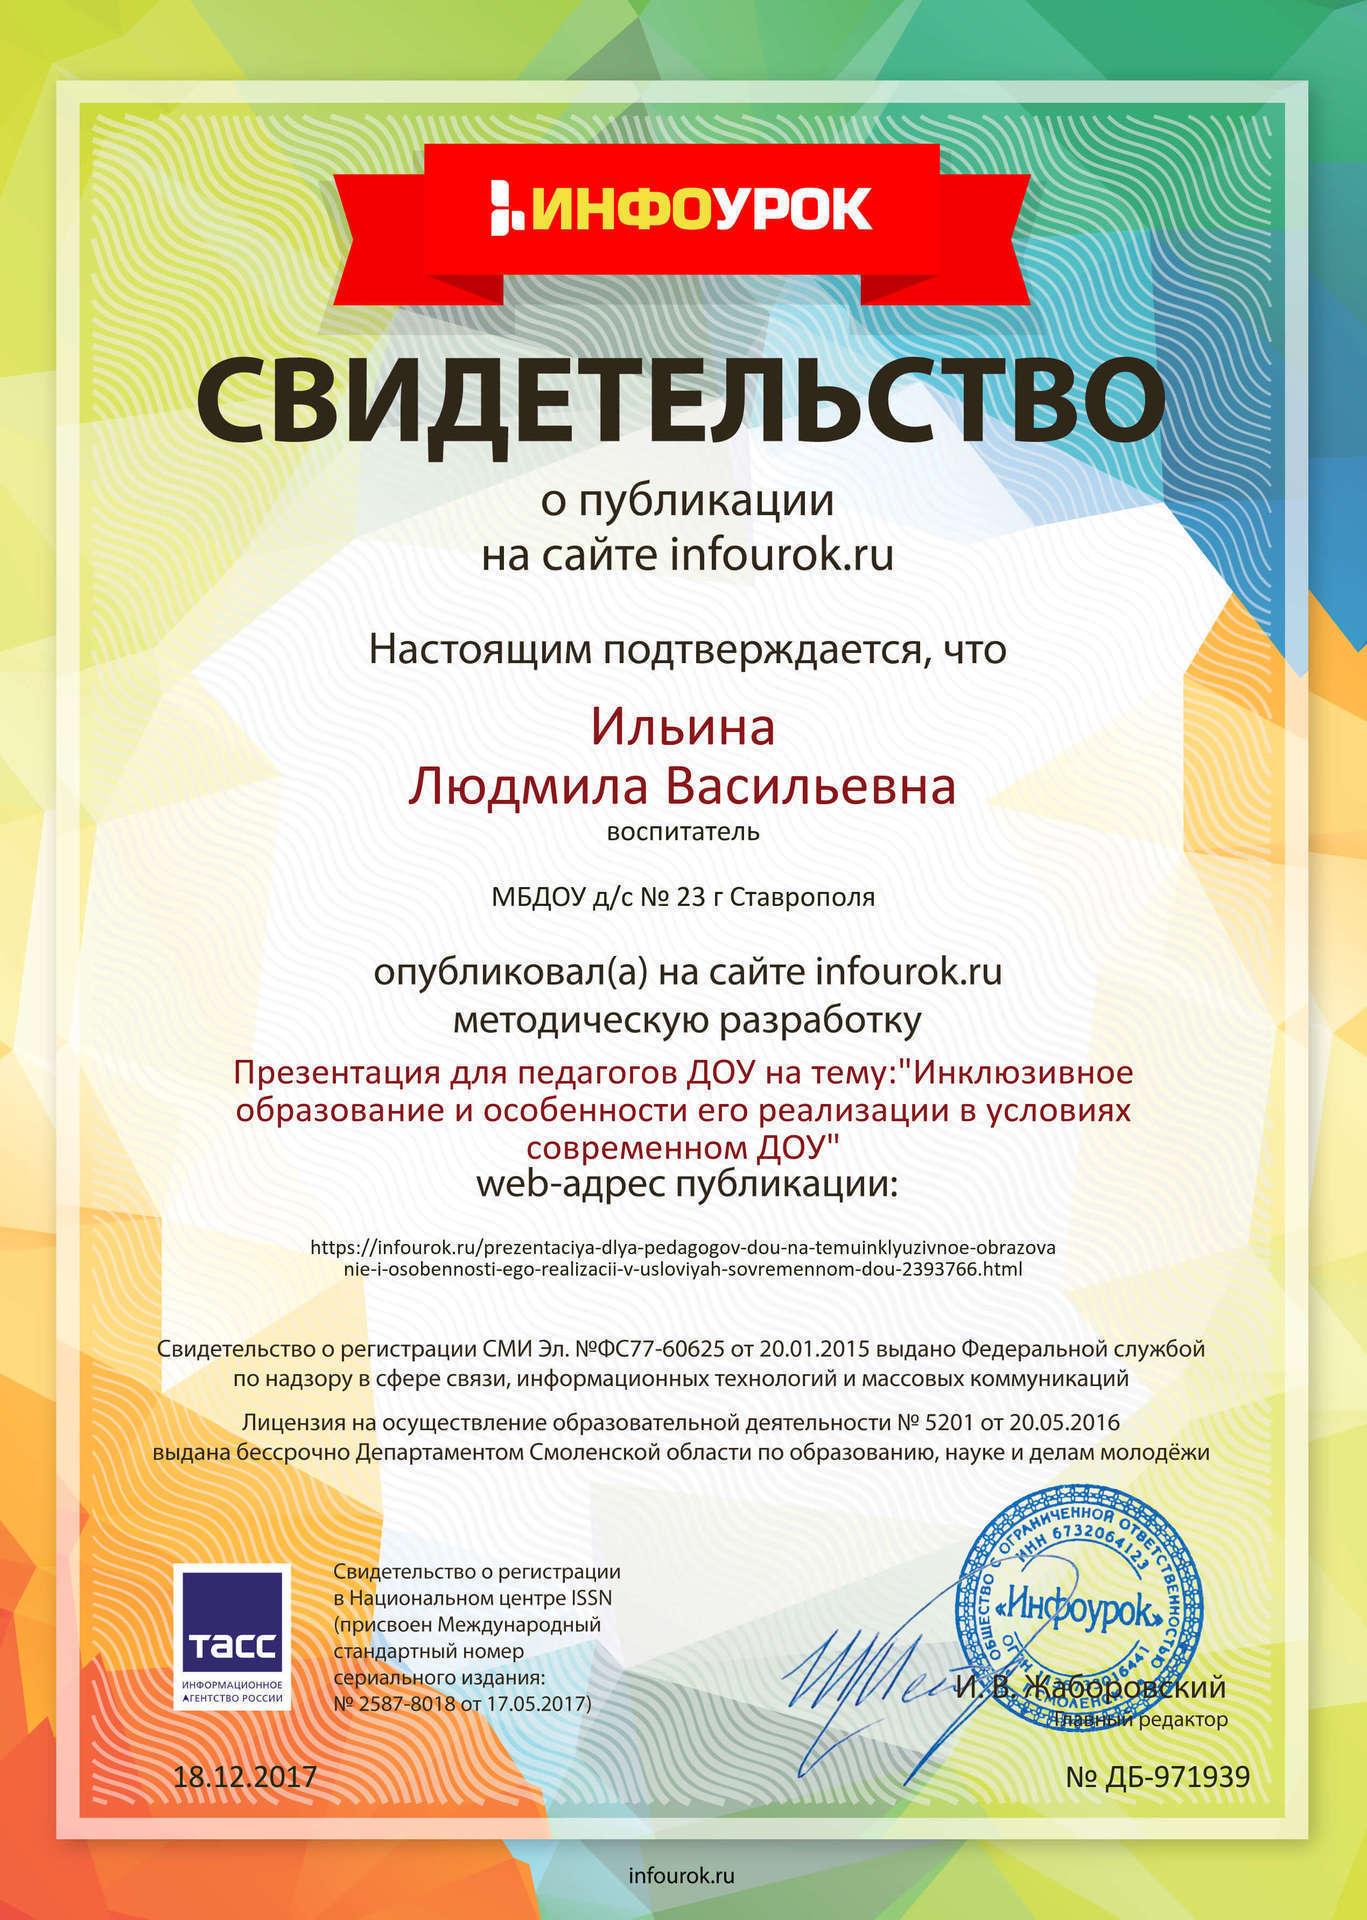 Свидетельство-проекта-infourok.ru-№971939